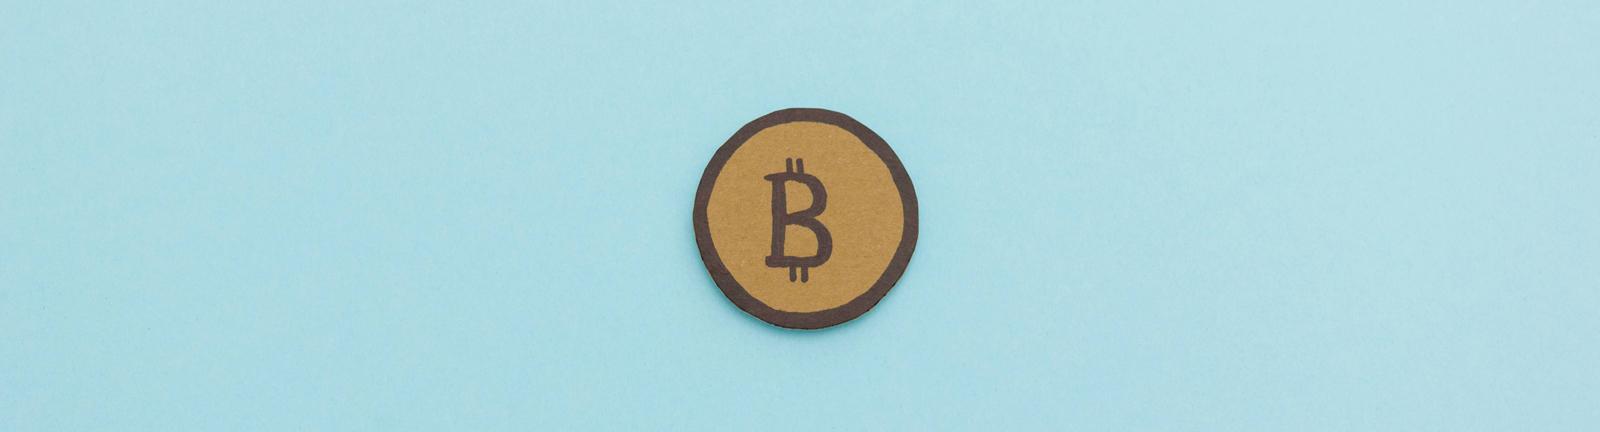 selbstgebastelter Bitcoin aus Papier